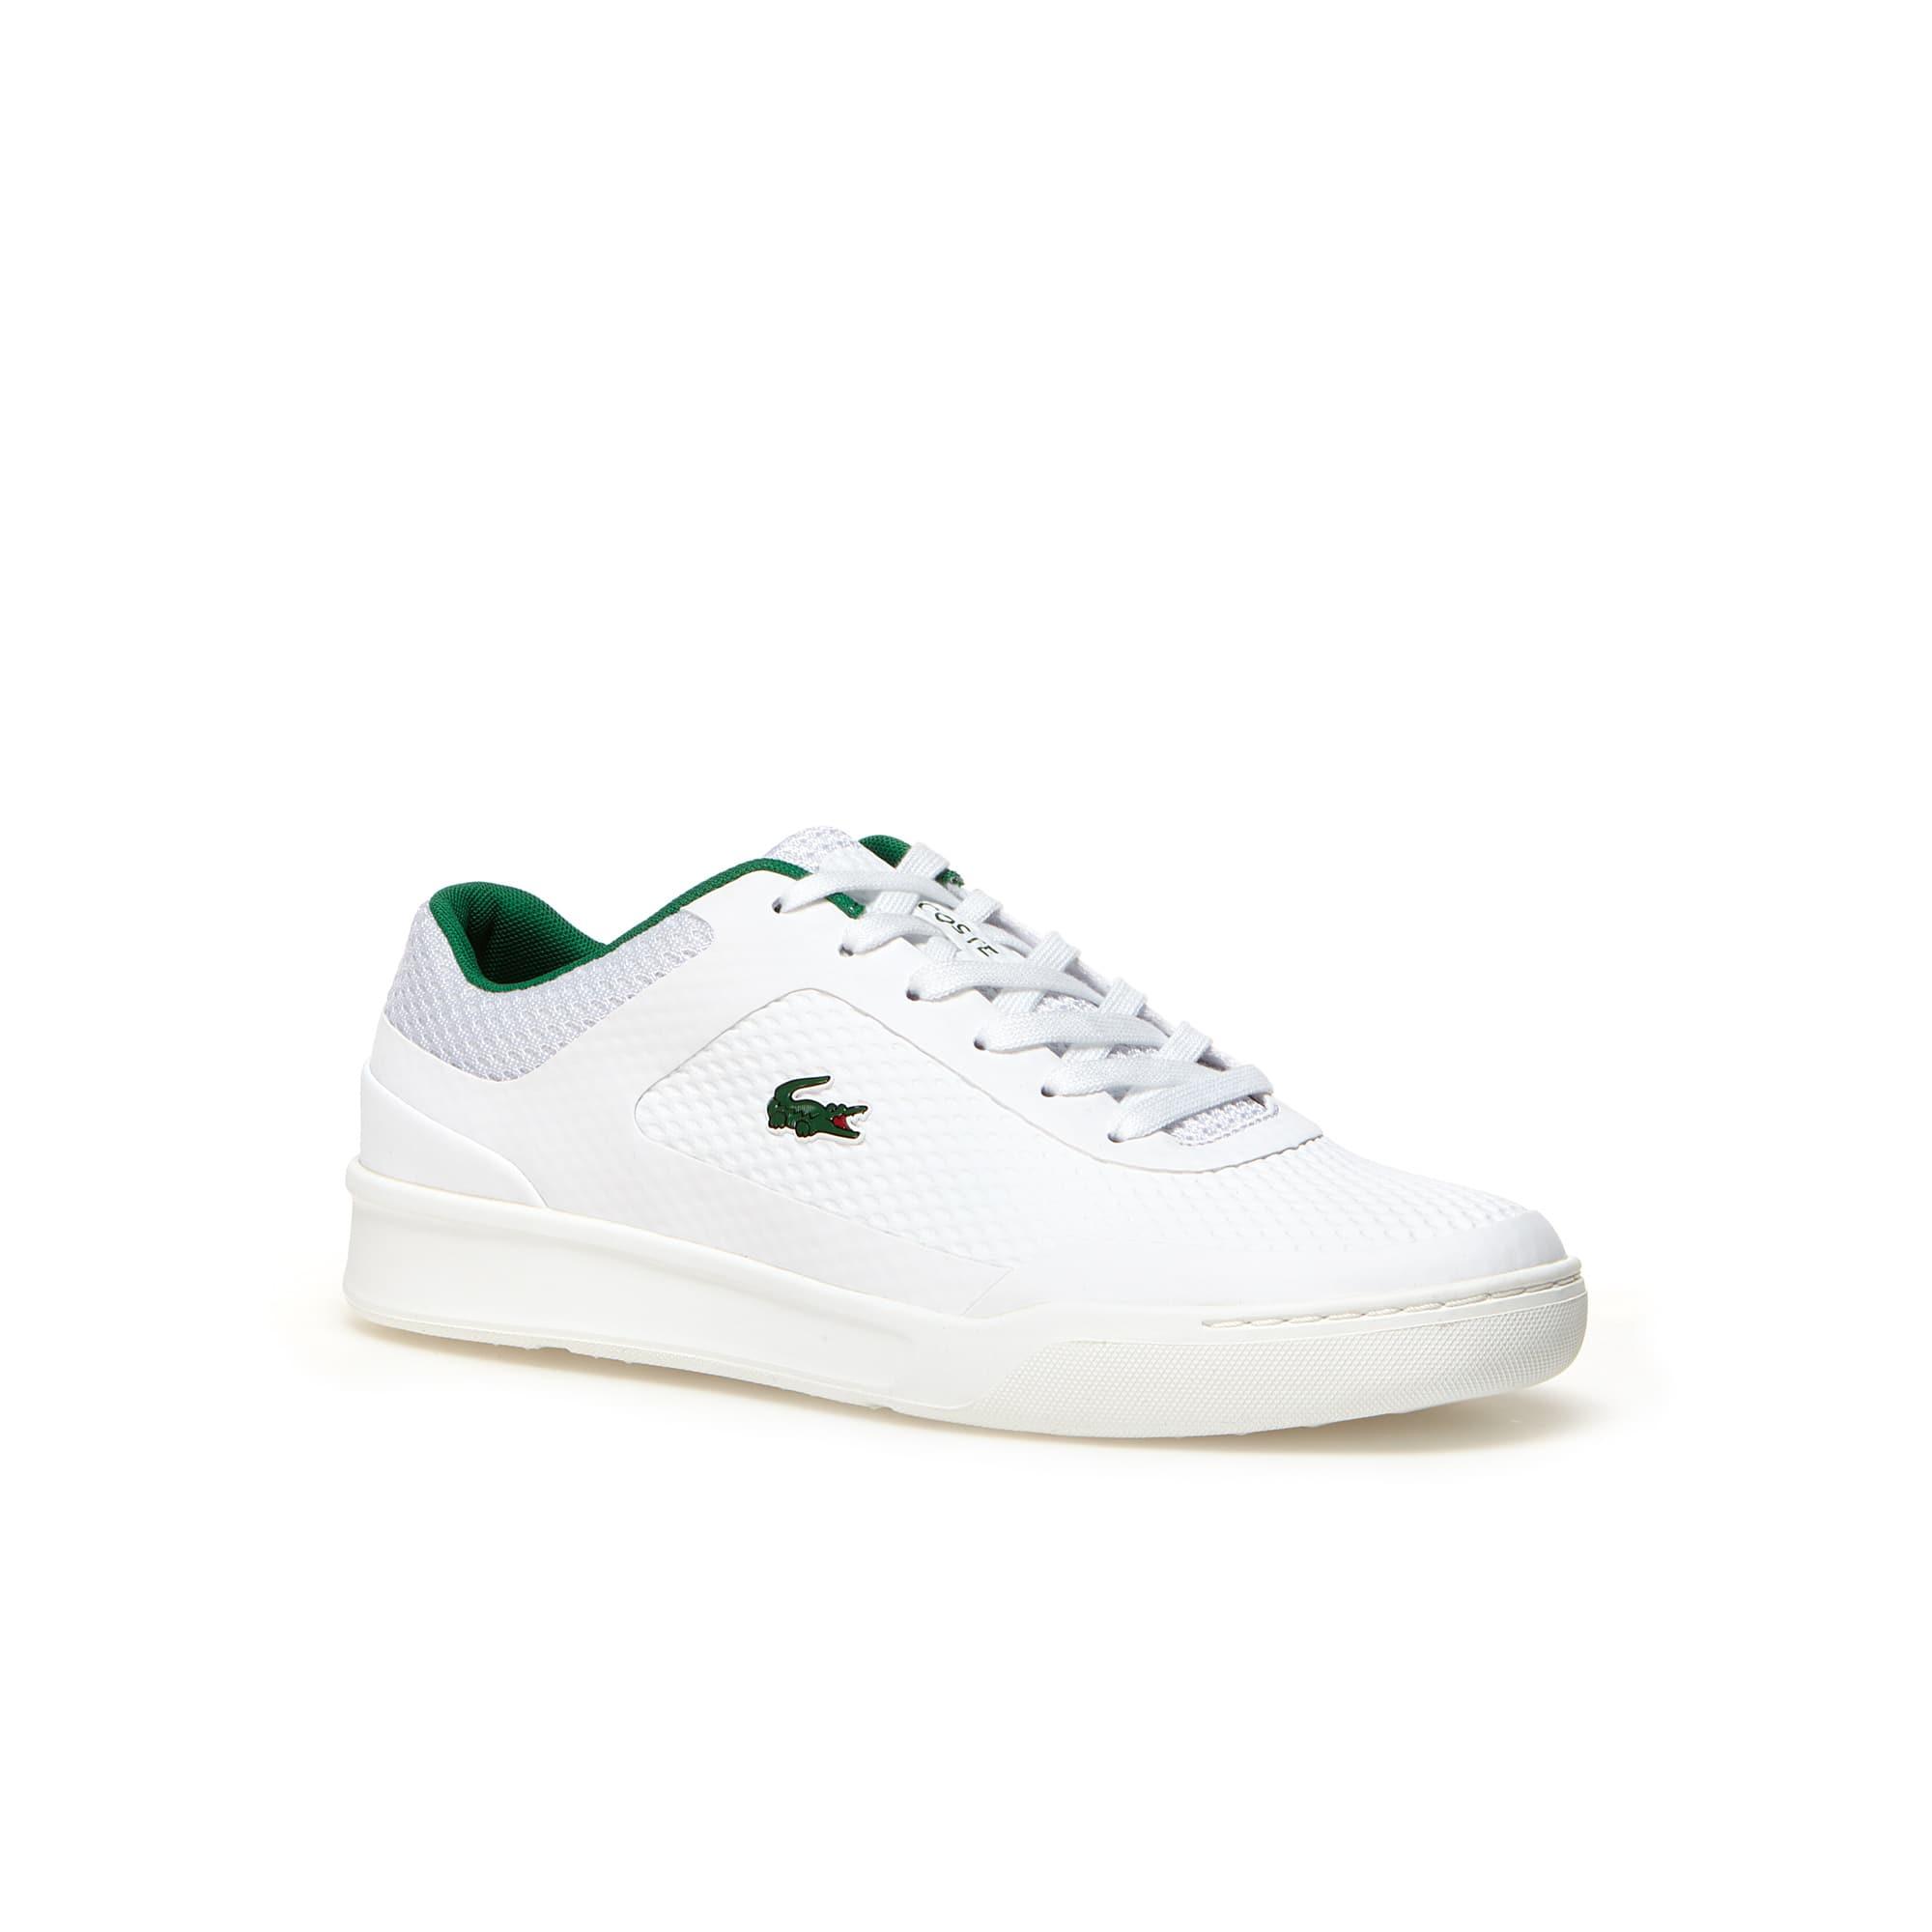 Herren-Sneakers EXPLORATEUR SPORT